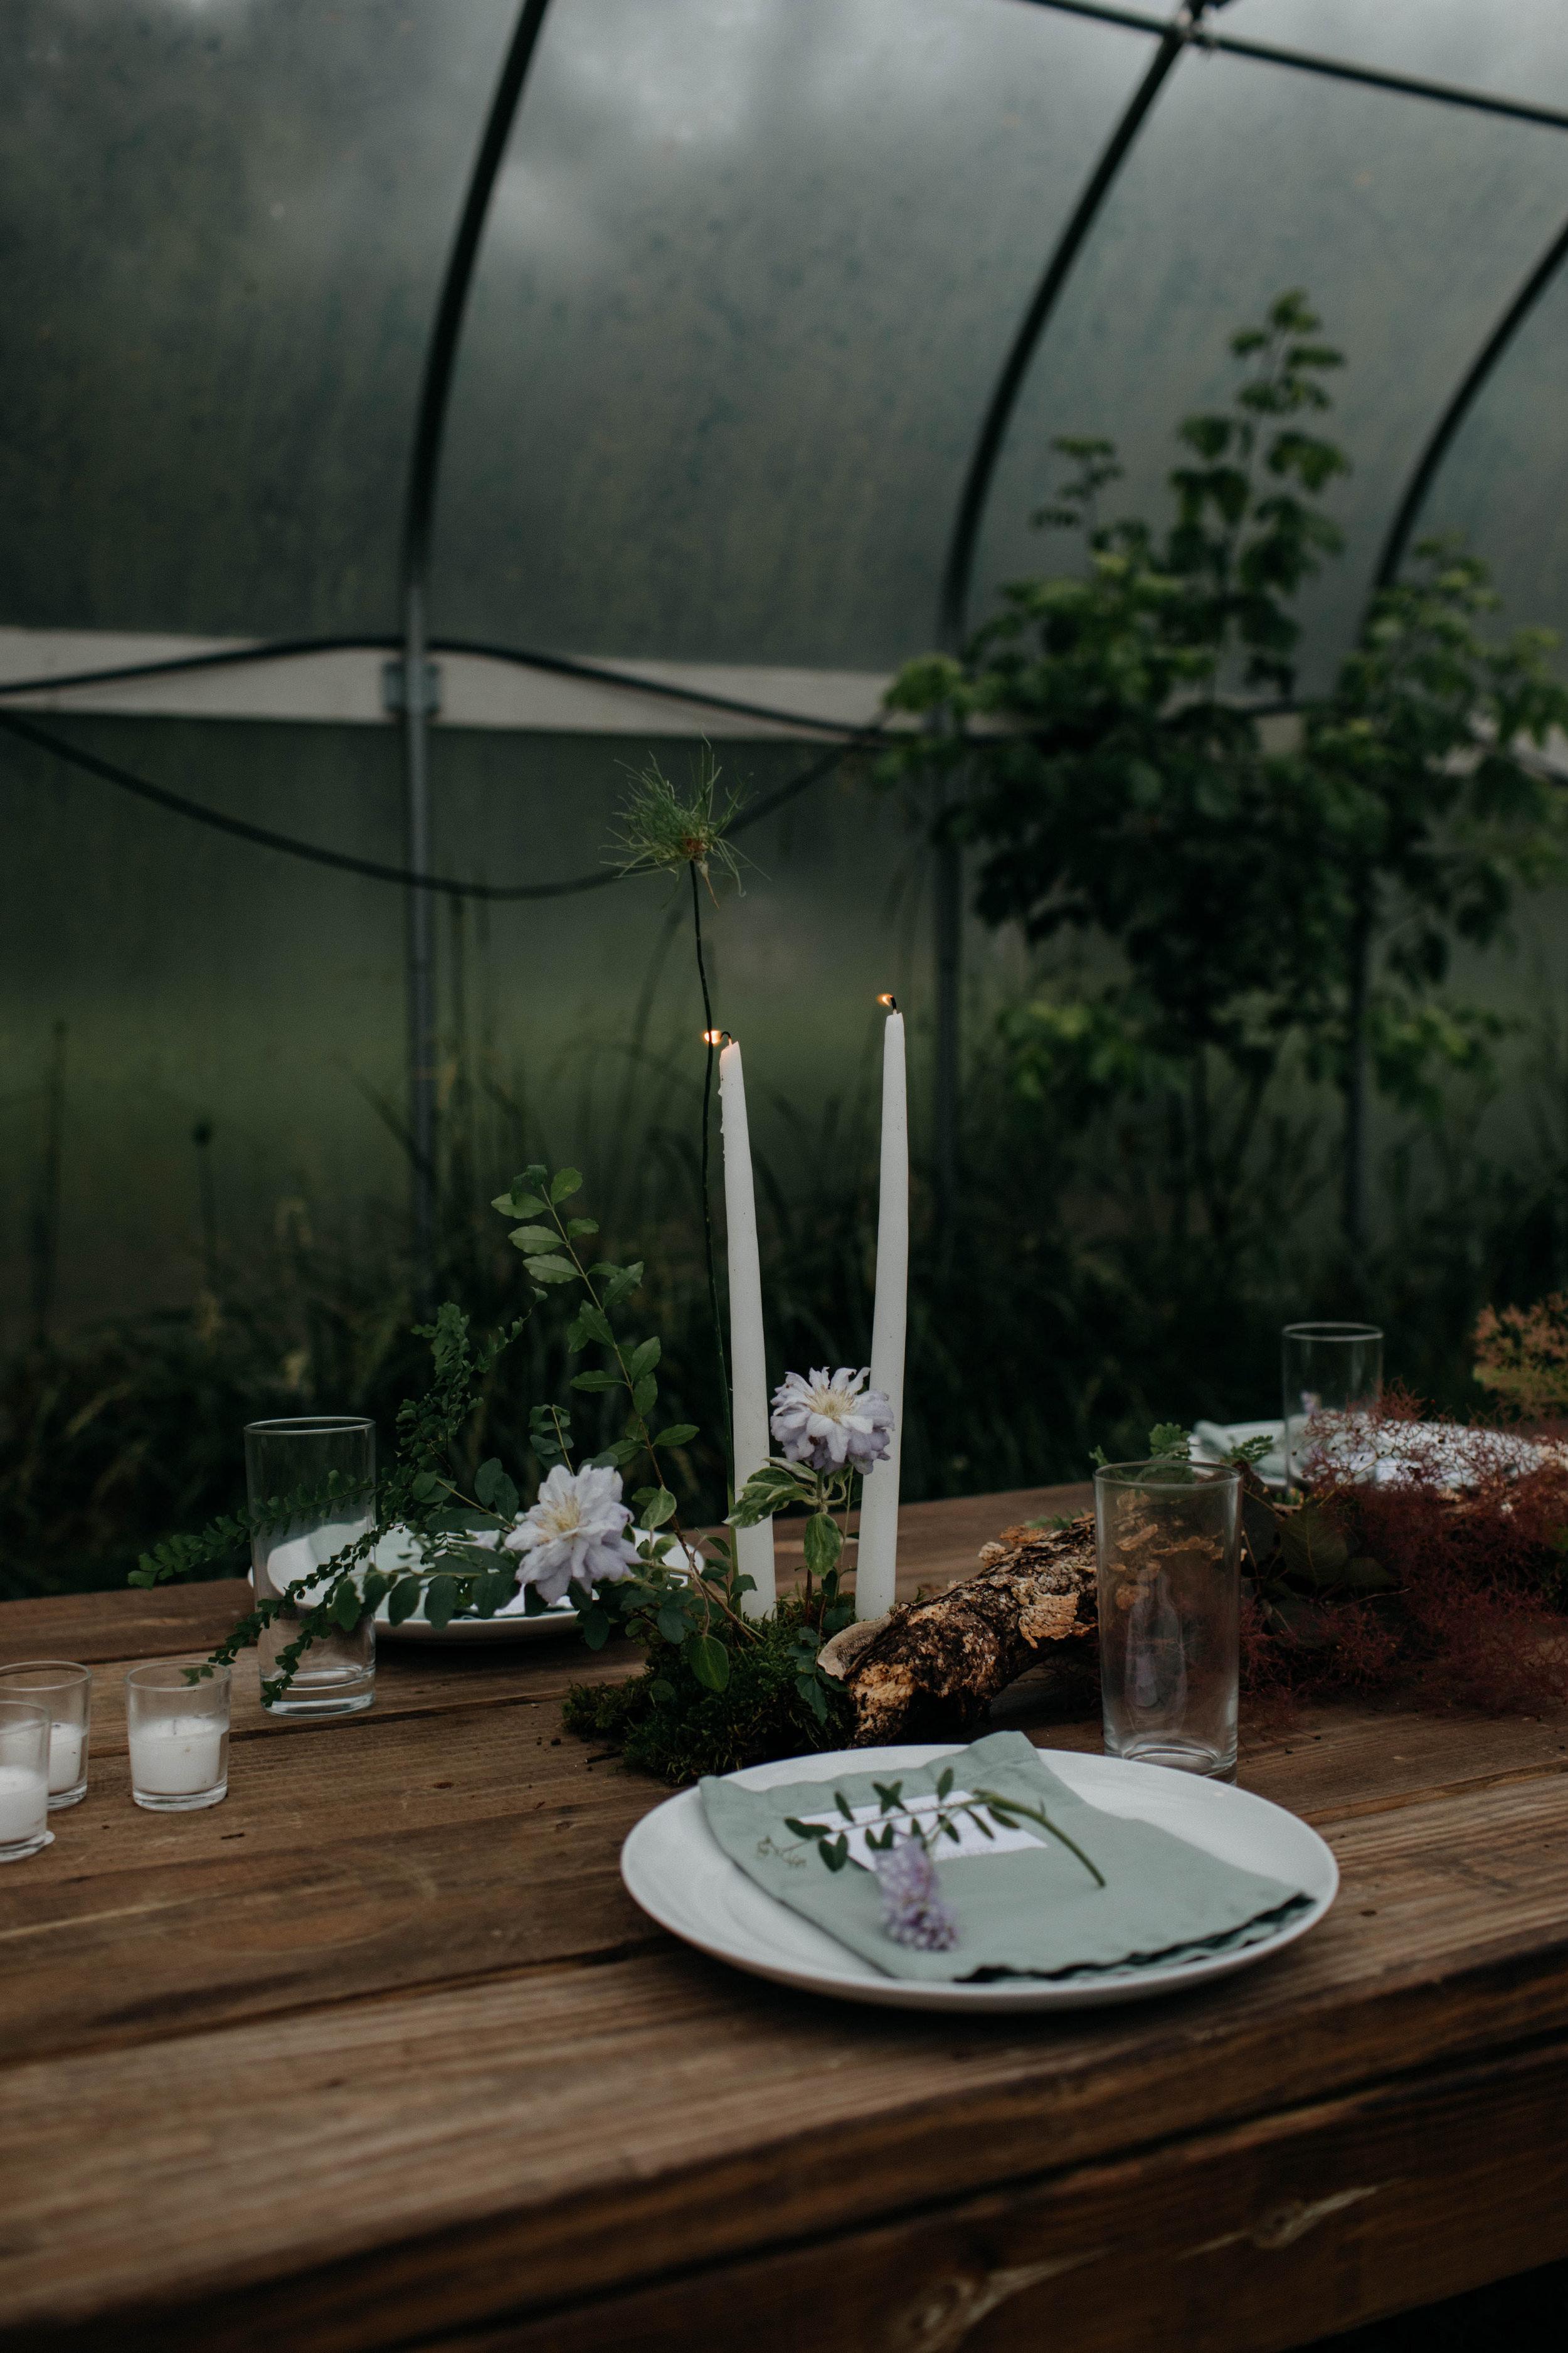 nashville floral workshop nashville tennessee wedding photographer121.jpg